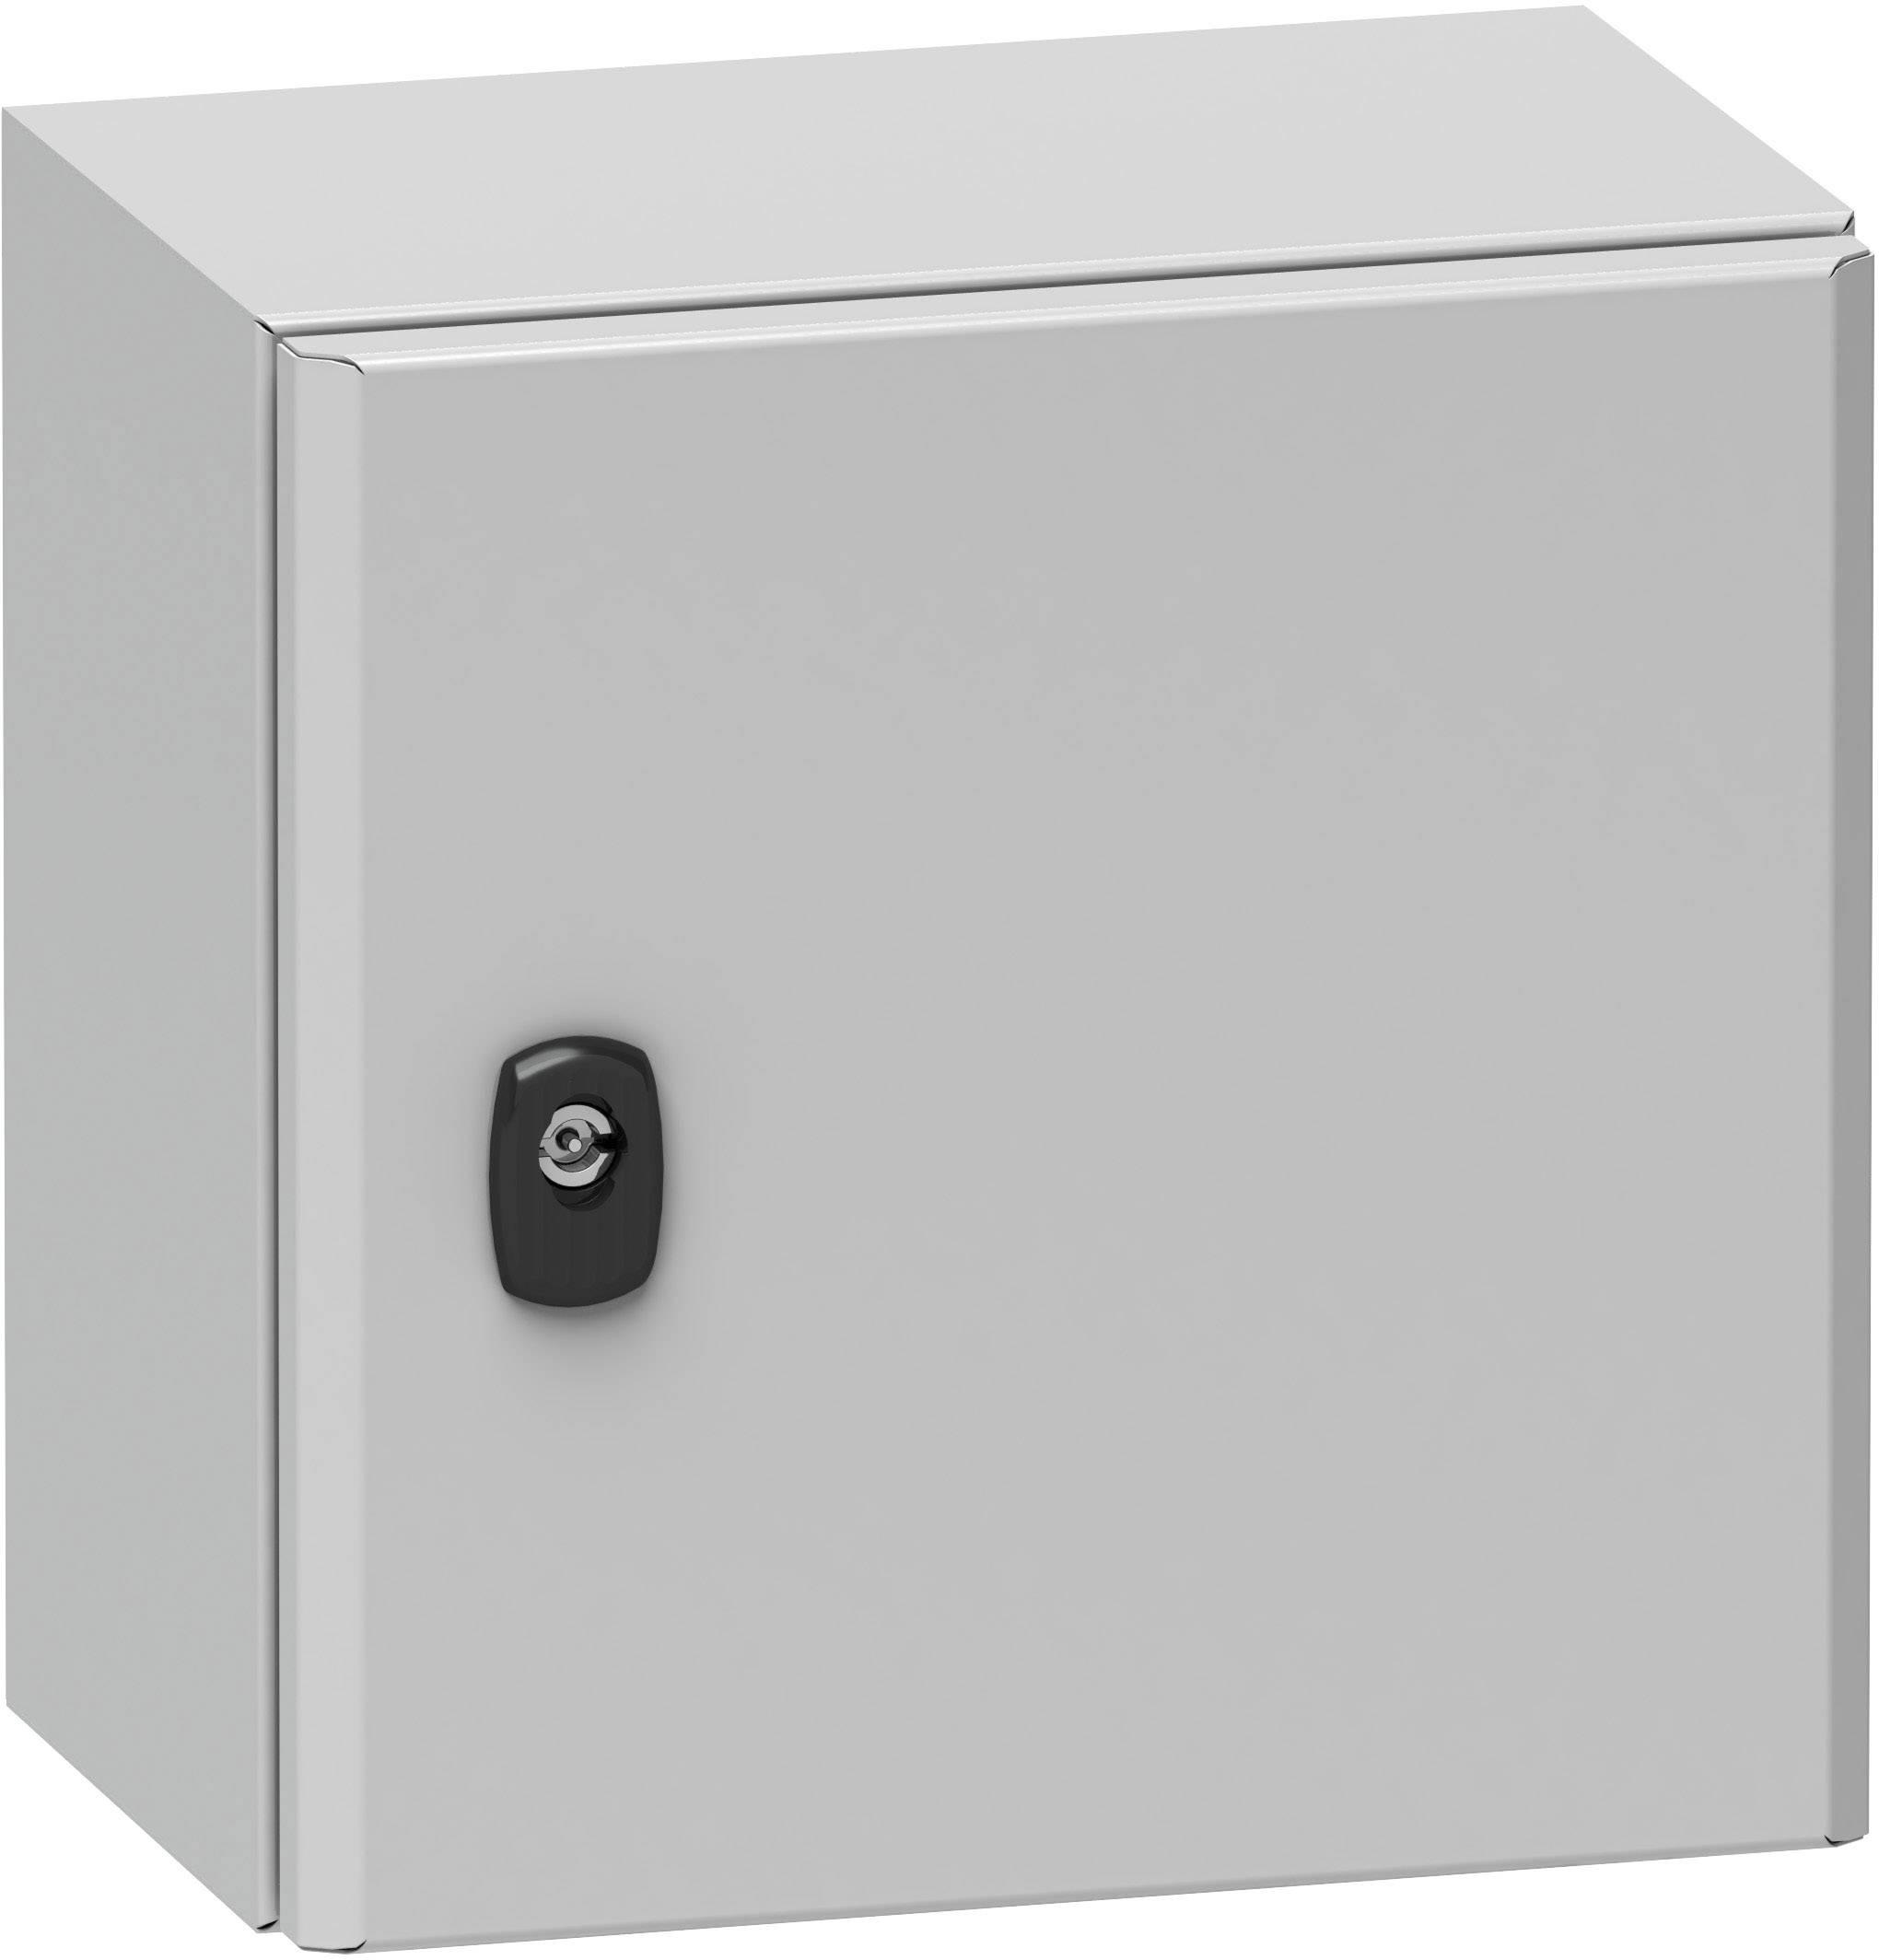 Pouzdro Schneider Electric NSYS3D10625P NSYS3D10625P, (š x v x h) 600 x 1000 x 250 mm, ocel, šedá (RAL 7035), 1 ks